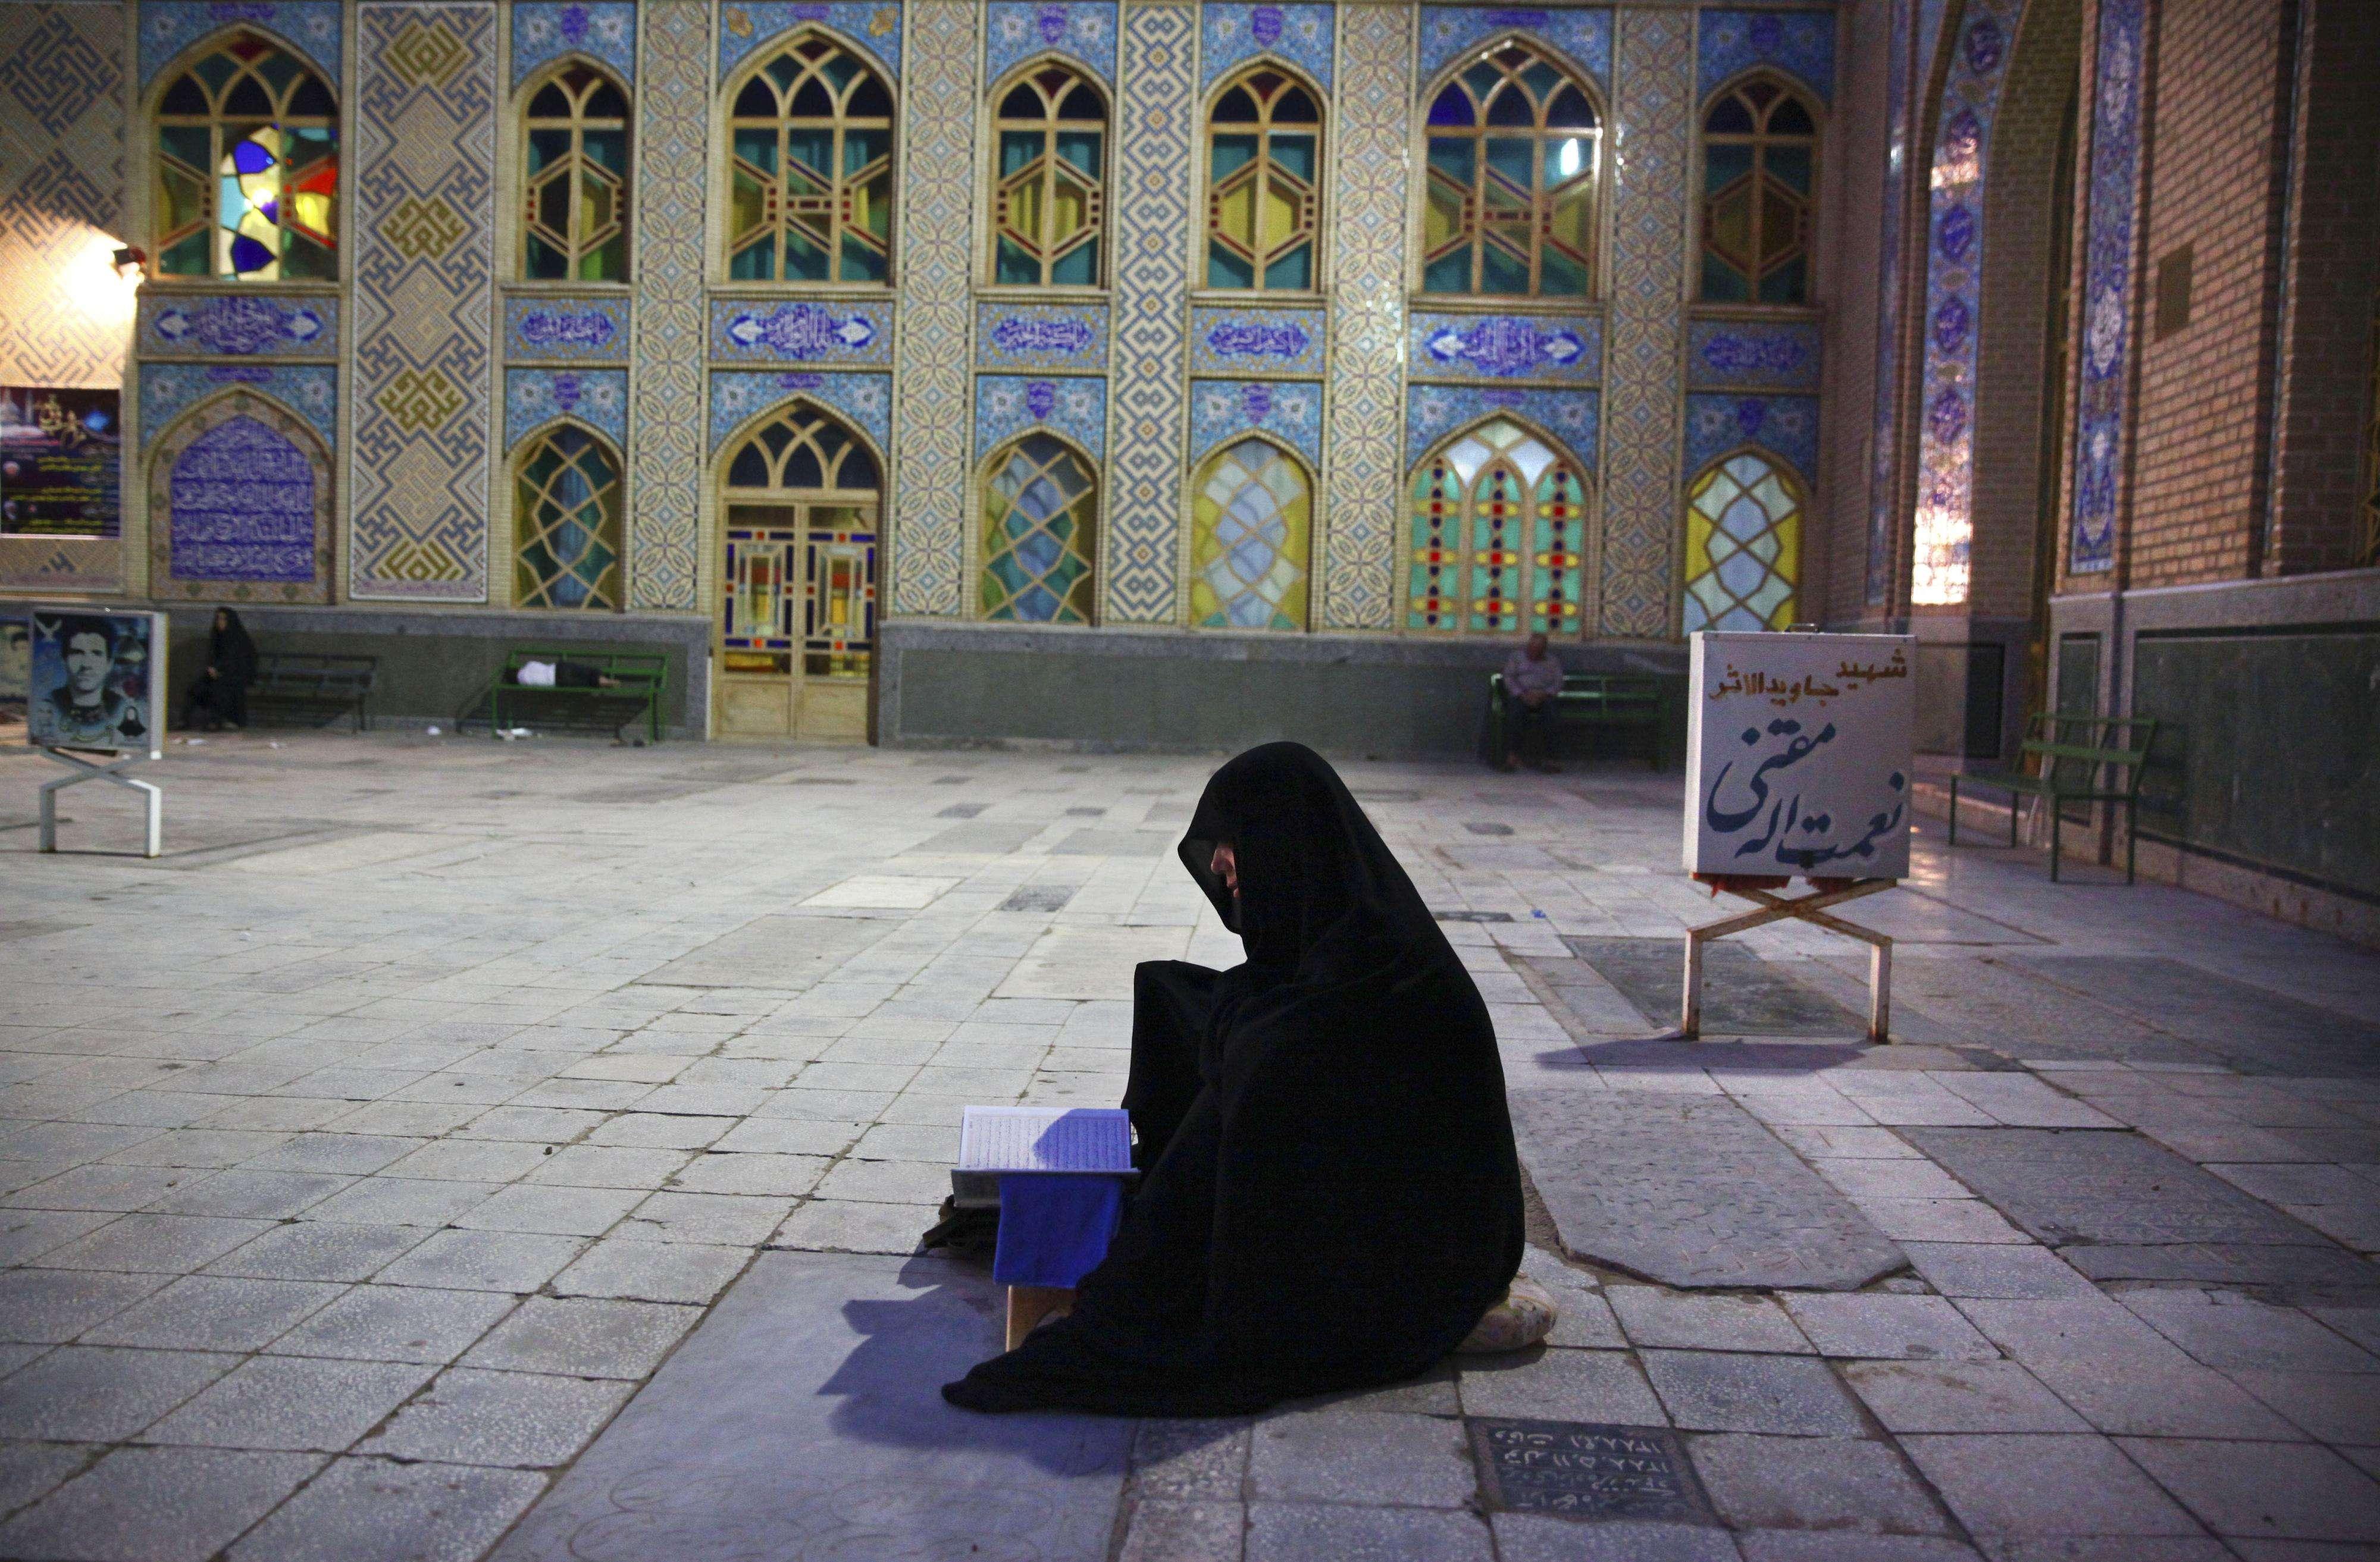 Según el jefe de la Policía iraní, Ahmadí Moqadam, tres personas han sido detenidas acusadas de las graves agresiones. Foto: Archivo/AP en español